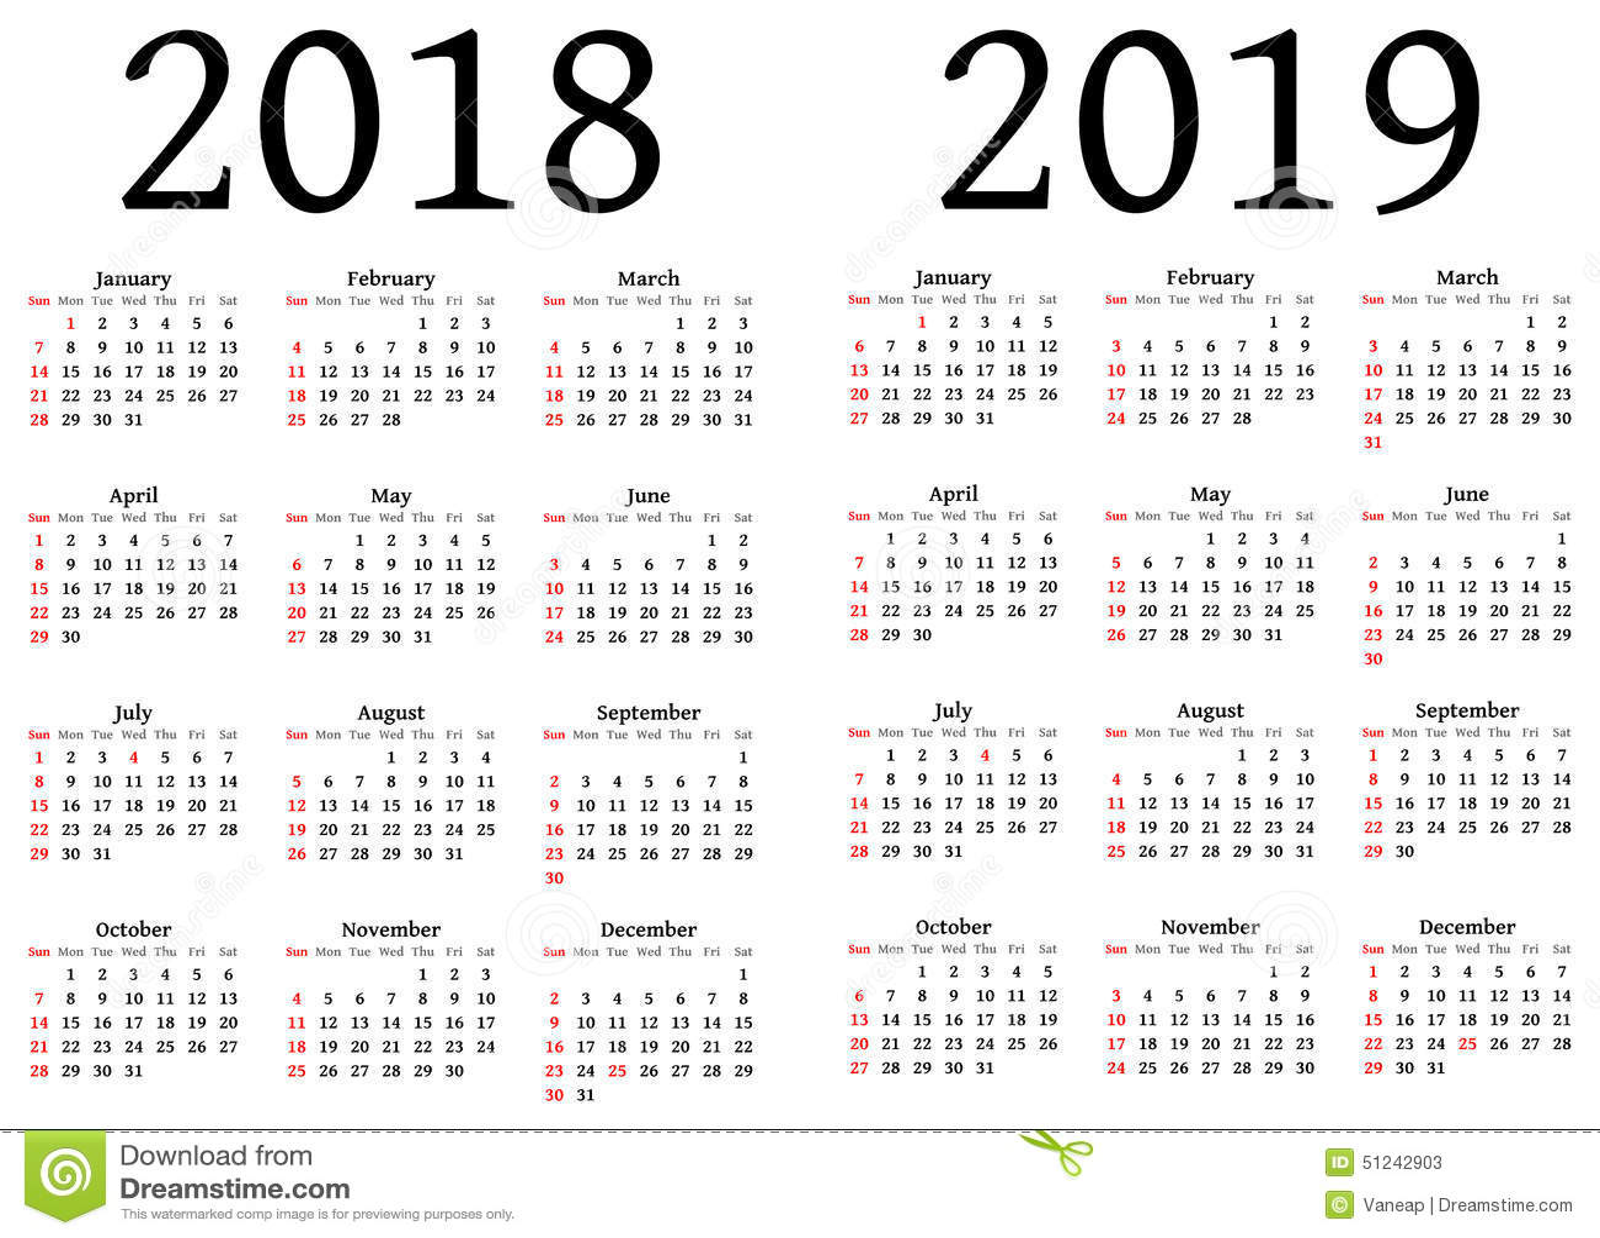 Calend rio para 2018 e 2019 ilustra o stock imagem for Calendario de pared 2018